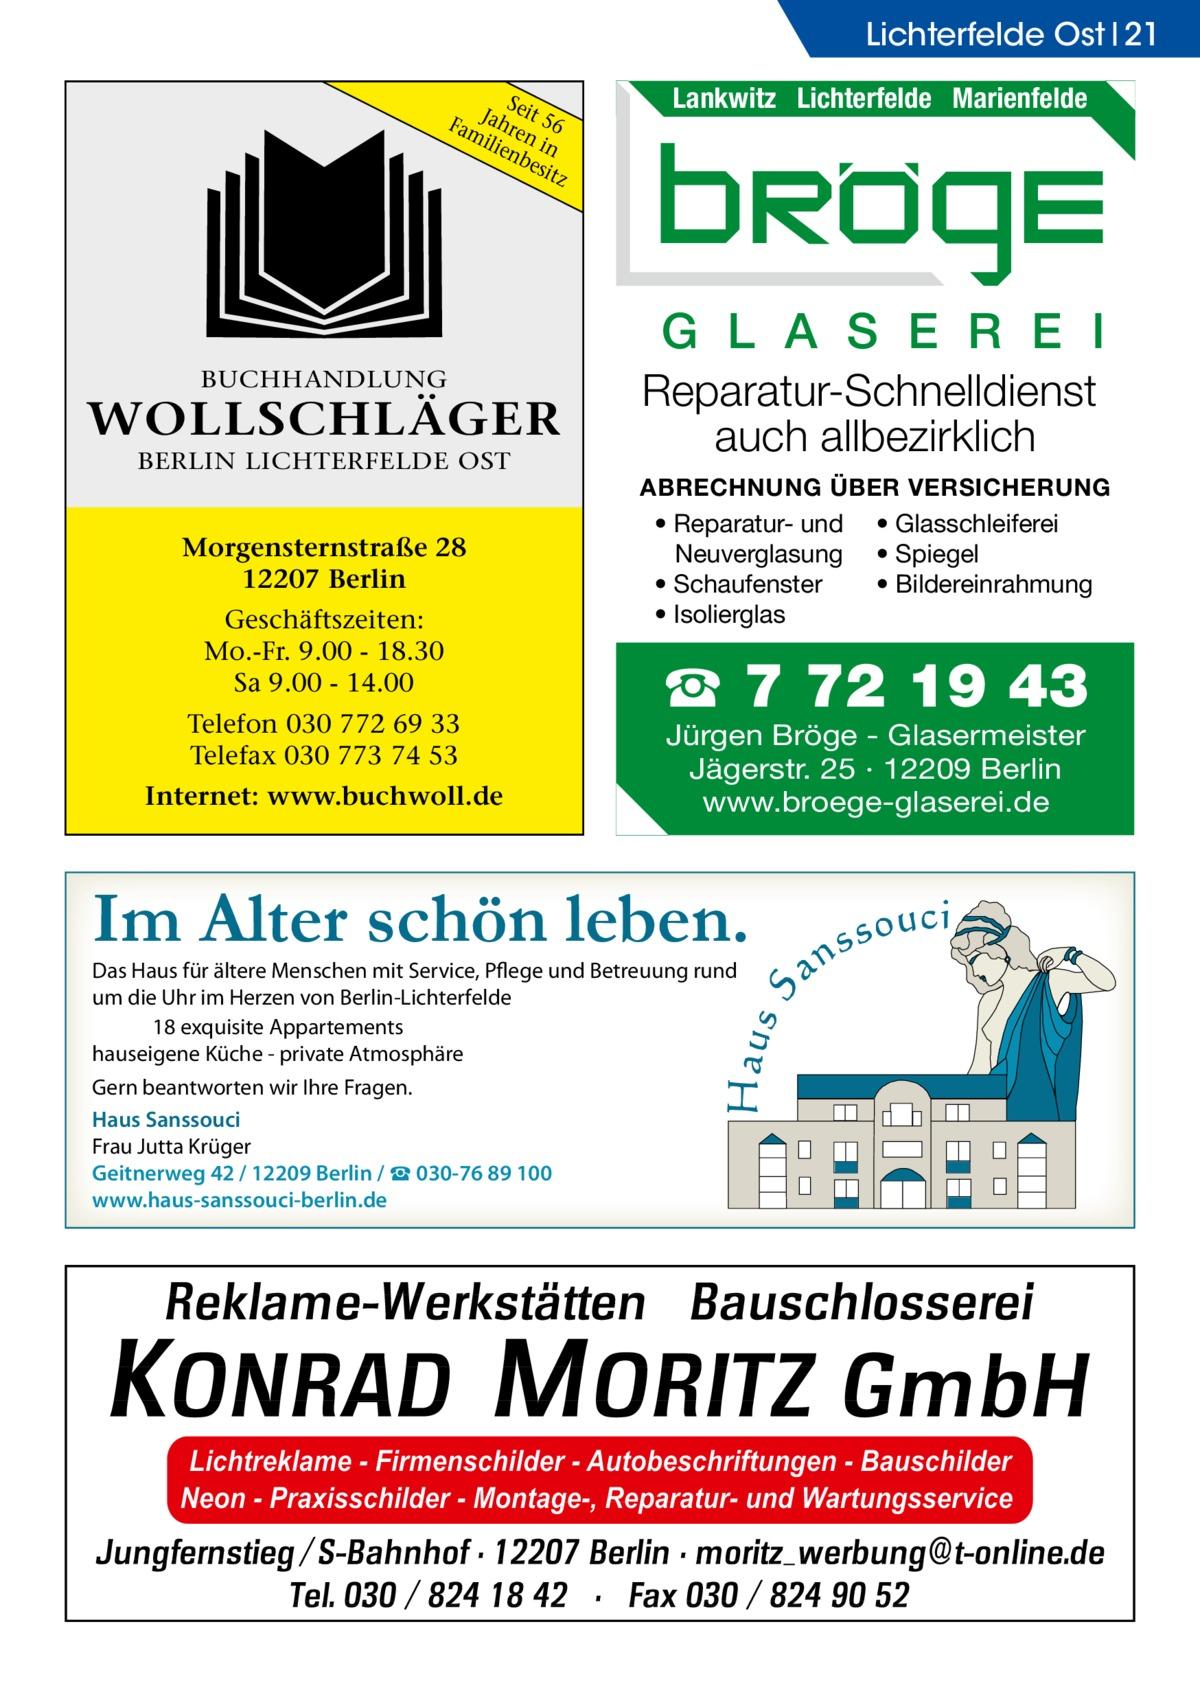 Lichterfelde Ost 21 Sei FamJahre t 56 ilie n in nb esit z  Lankwitz Lichterfelde Marienfelde  G L A S E R E I BUCHHANDLUNG  WOLLSCHLÄGER BERLIN LICHTERFELDE OST  Morgensternstraße 28 12207 Berlin Geschäftszeiten: Mo.-Fr. 9.00 - 18.30 Sa 9.00 - 14.00 Telefon 030 772 69 33 Telefax 030 773 74 53 Internet: www.buchwoll.de  Reparatur-Schnelldienst auch allbezirklich ABRECHNUNG ÜBER VERSICHERUNG • Reparatur- und • Glasschleiferei Neuverglasung • Spiegel • Bildereinrahmung • Schaufenster • Isolierglas  ☎ 7 72 19 43 Jürgen Bröge - Glasermeister Jägerstr. 25 · 12209 Berlin www.broege-glaserei.de  Im Alter schön leben. Das Haus für ältere Menschen mit Service, Pflege und Betreuung rund um die Uhr im Herzen von Berlin-Lichterfelde 18 exquisite Appartements hauseigene Küche - private Atmosphäre Gern beantworten wir Ihre Fragen. Haus Sanssouci Frau Jutta Krüger Geitnerweg 42 / 12209 Berlin / ☎ 030-76 89 100 www.haus-sanssouci-berlin.de